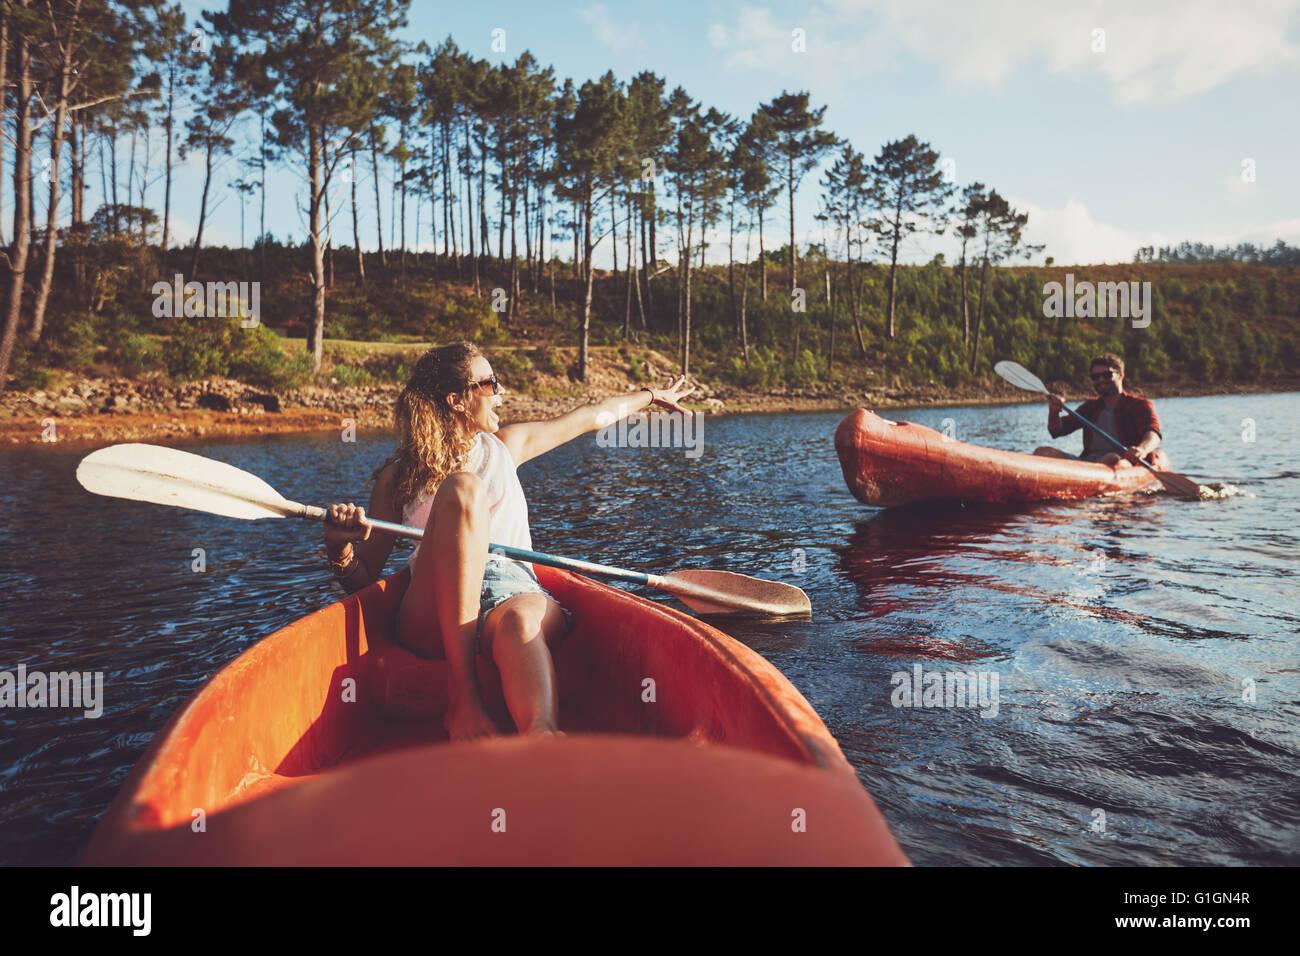 Coppia giovane canottaggio sul lago. Giovani kayakers godendo una giornata al lago. Immagini Stock